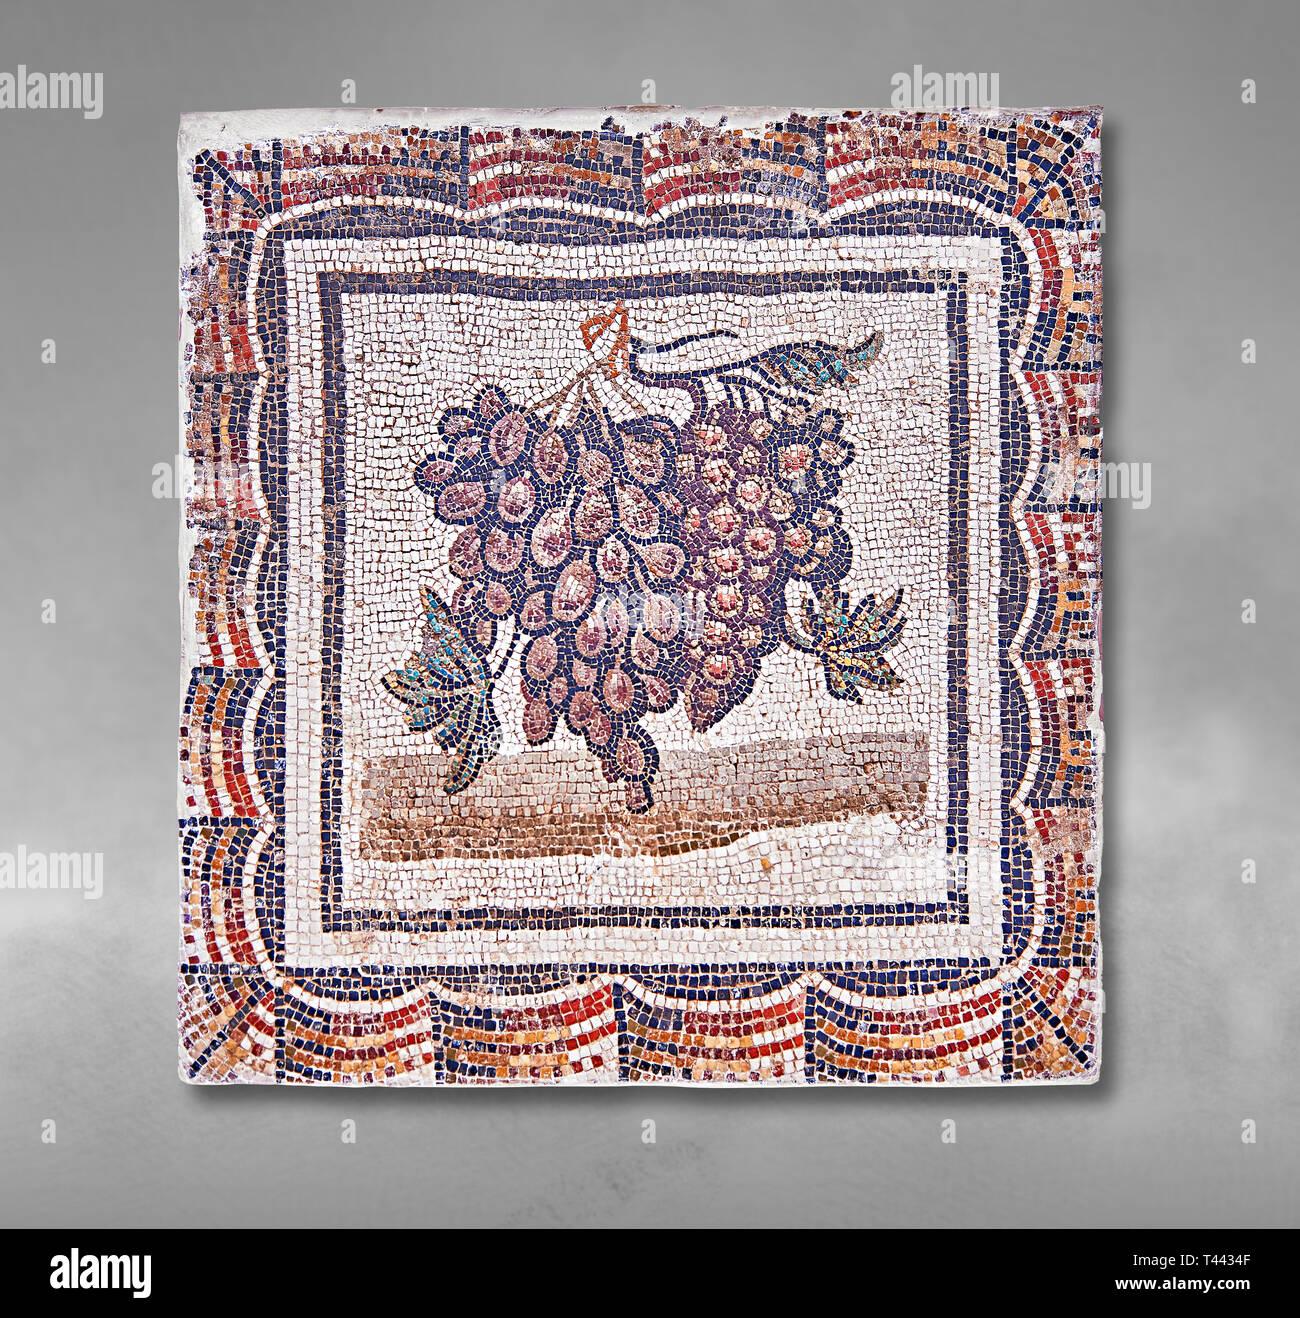 Iii secolo mosaico romano del pannello nero e uva bianca. Da Thysdrus (El Jem), Tunisia. Il Museo di Bardo, Tunisi, Tunisia. Sfondo grigio Immagini Stock